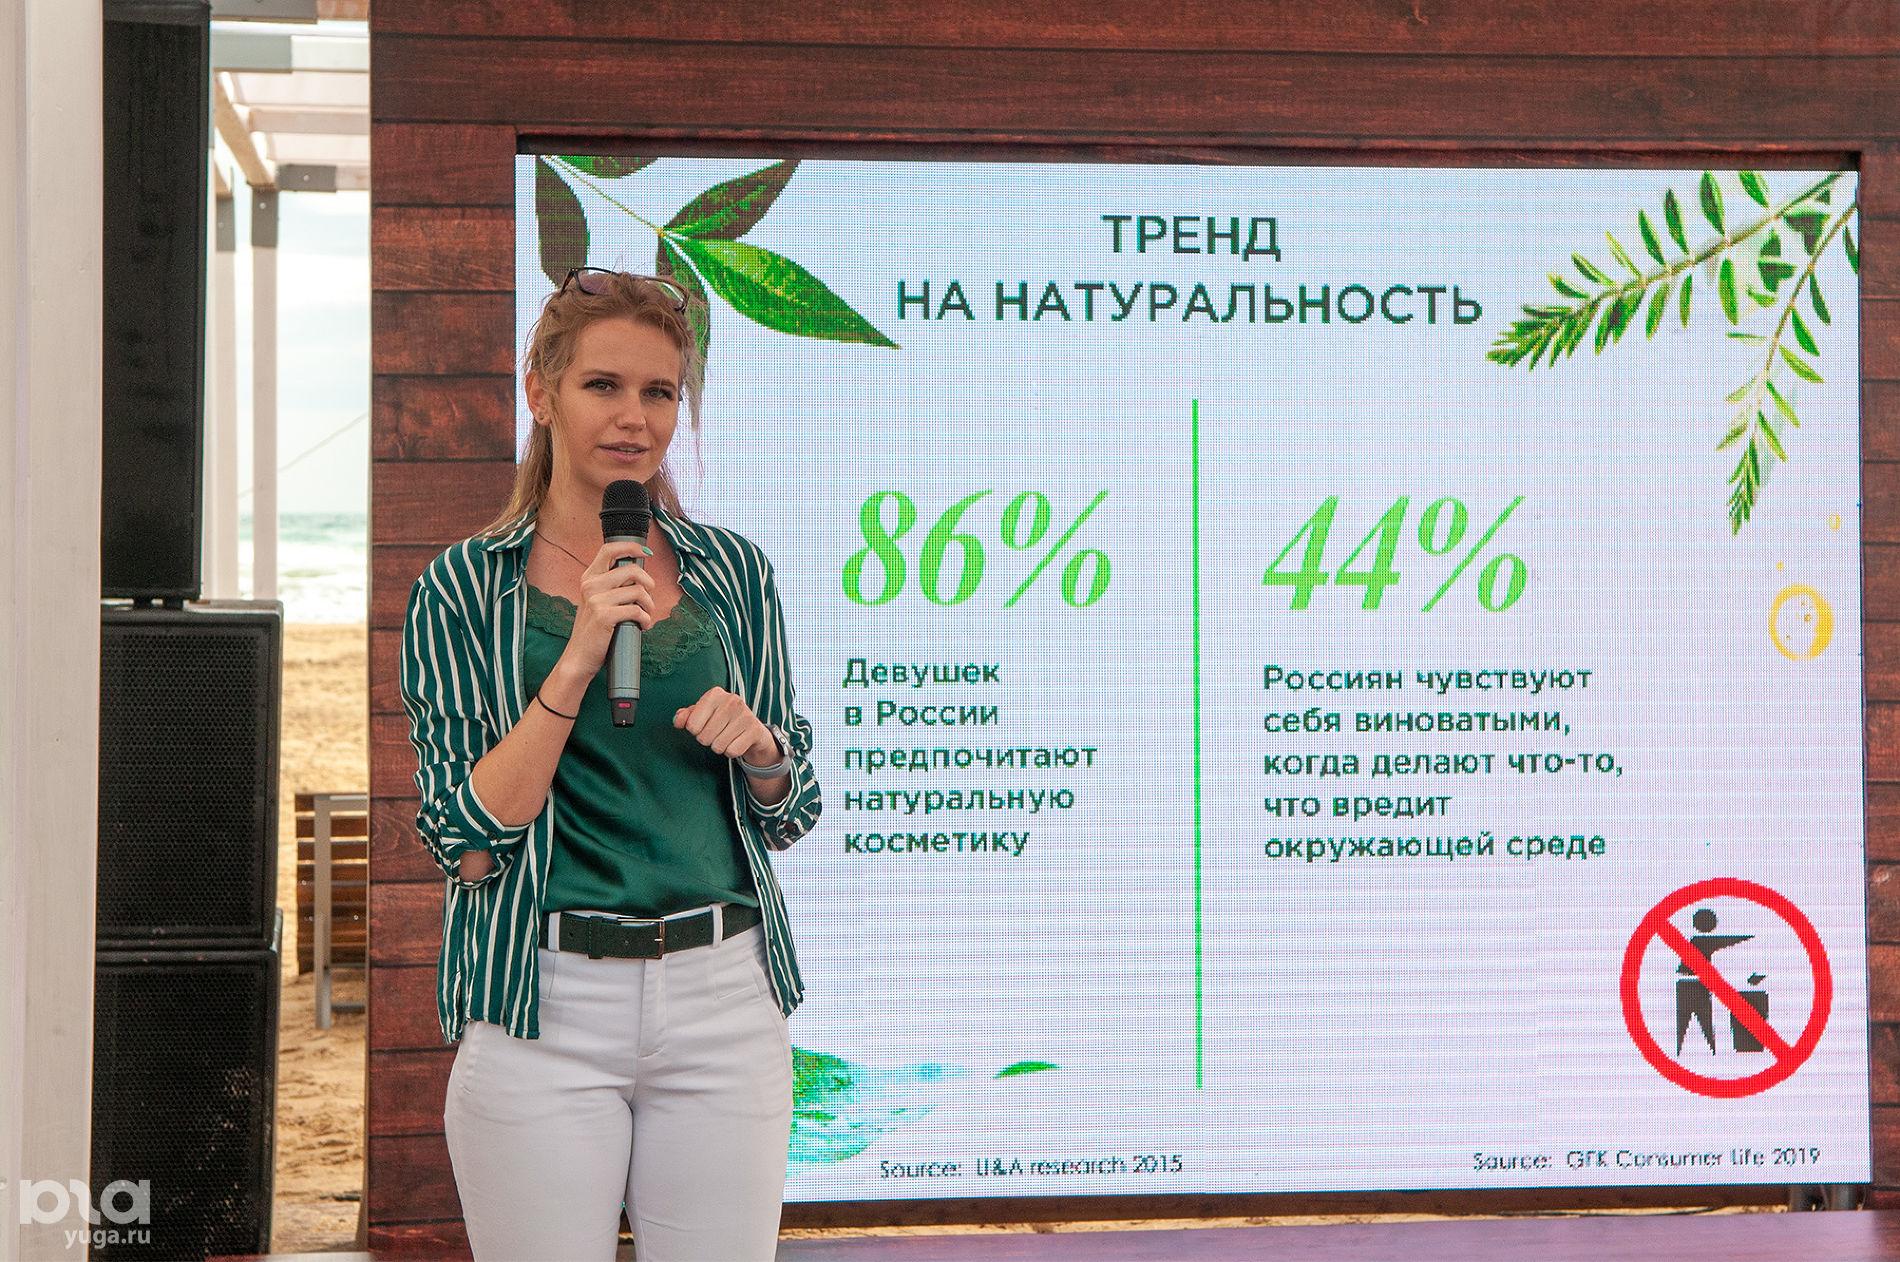 Юлия Гладнева, амбассадор программы устойчивого развития бренда Green Beauty ©Фото Дмитрия Пославского, Юга.ру